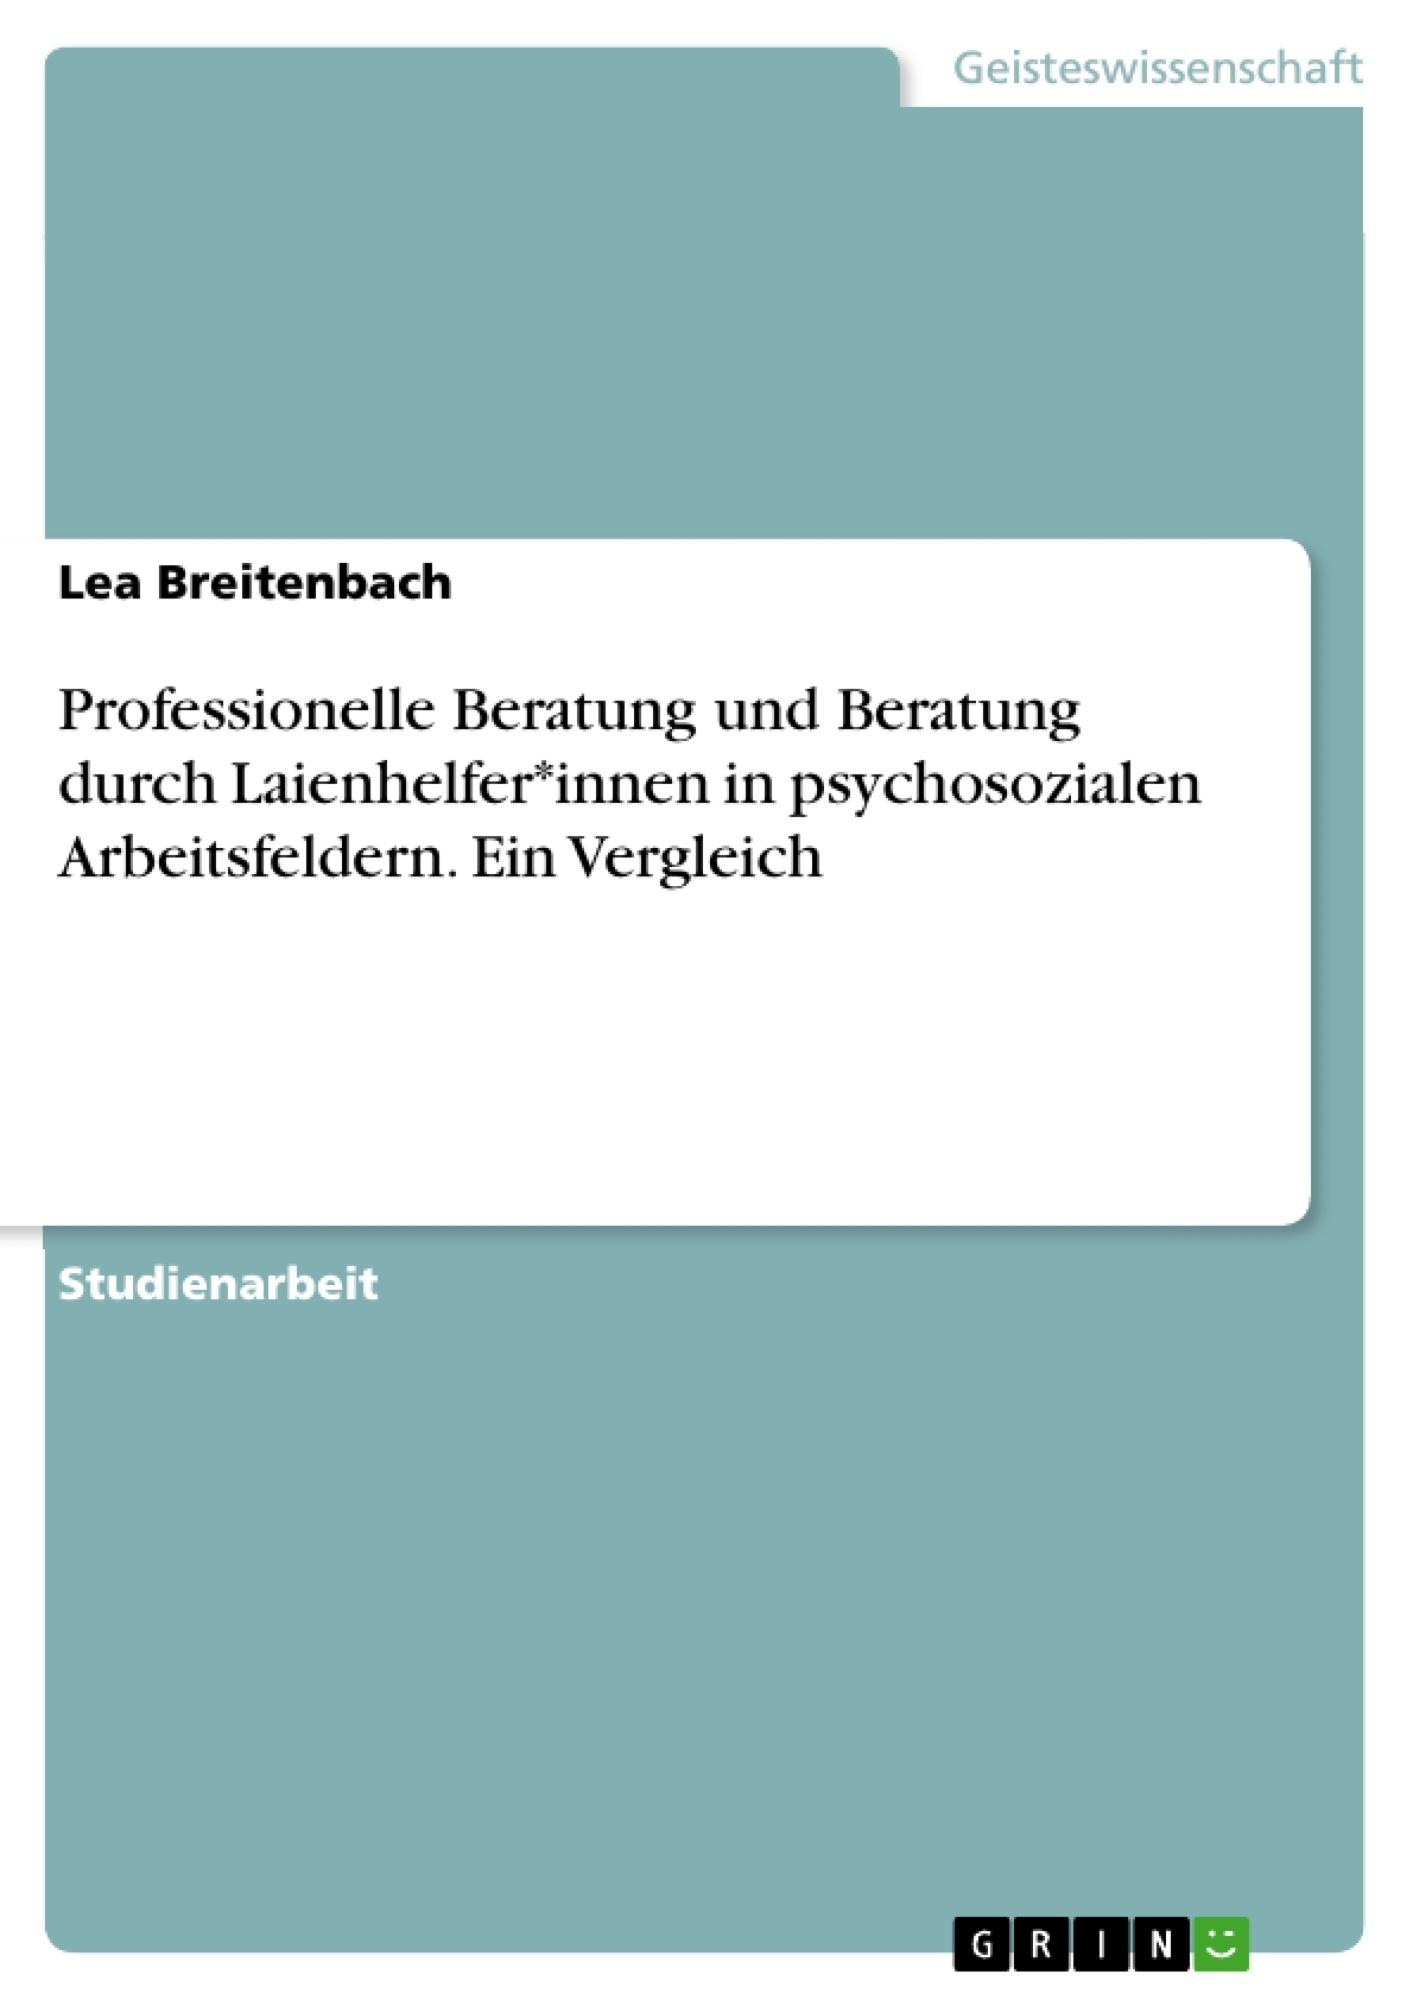 Titel: Professionelle Beratung und Beratung durch Laienhelfer*innen in psychosozialen Arbeitsfeldern. Ein Vergleich